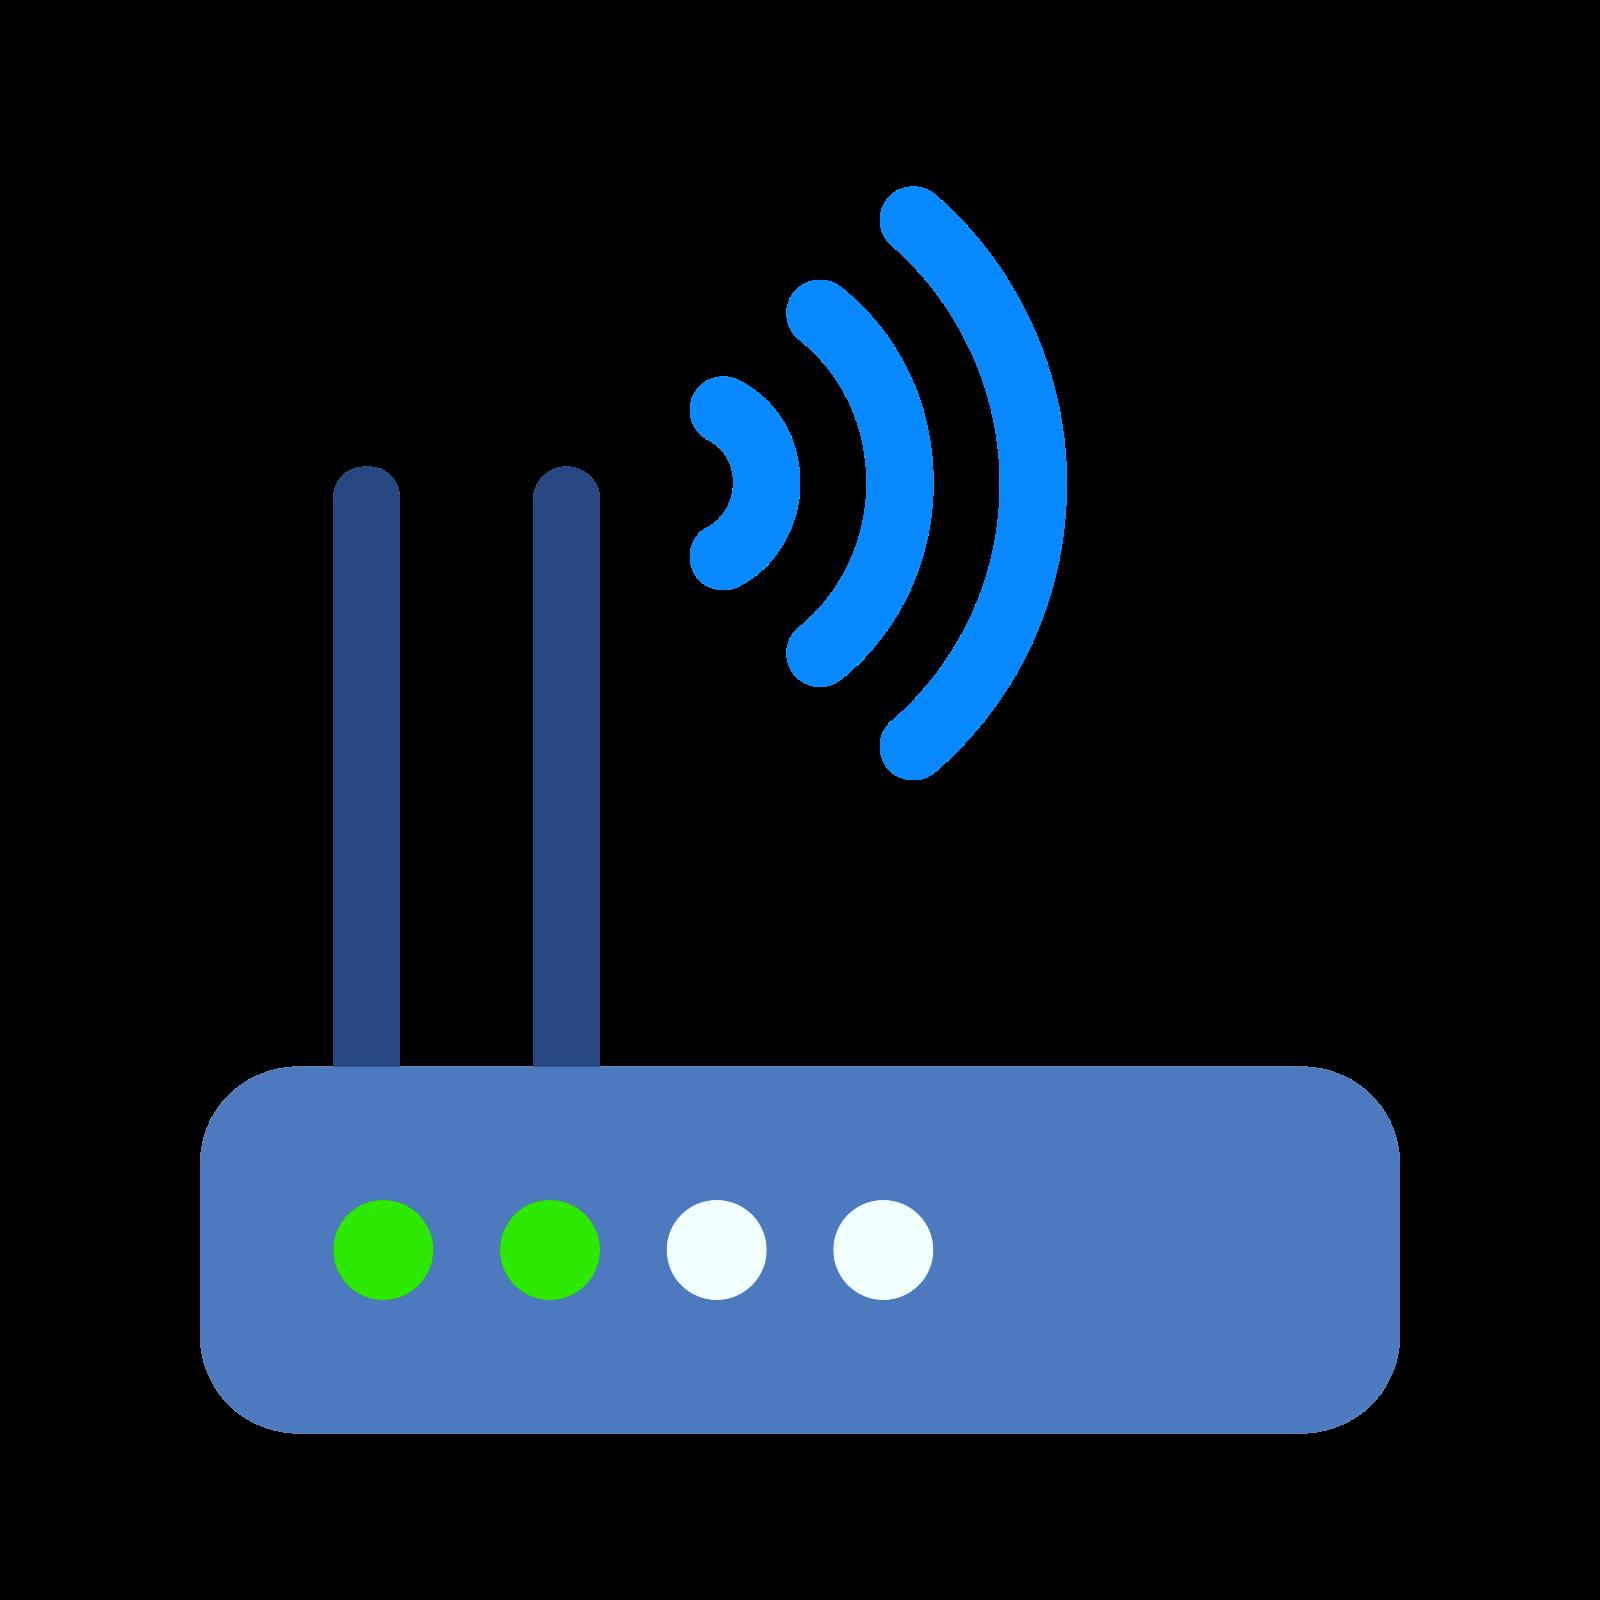 IoT / M2M Routers & Gateways